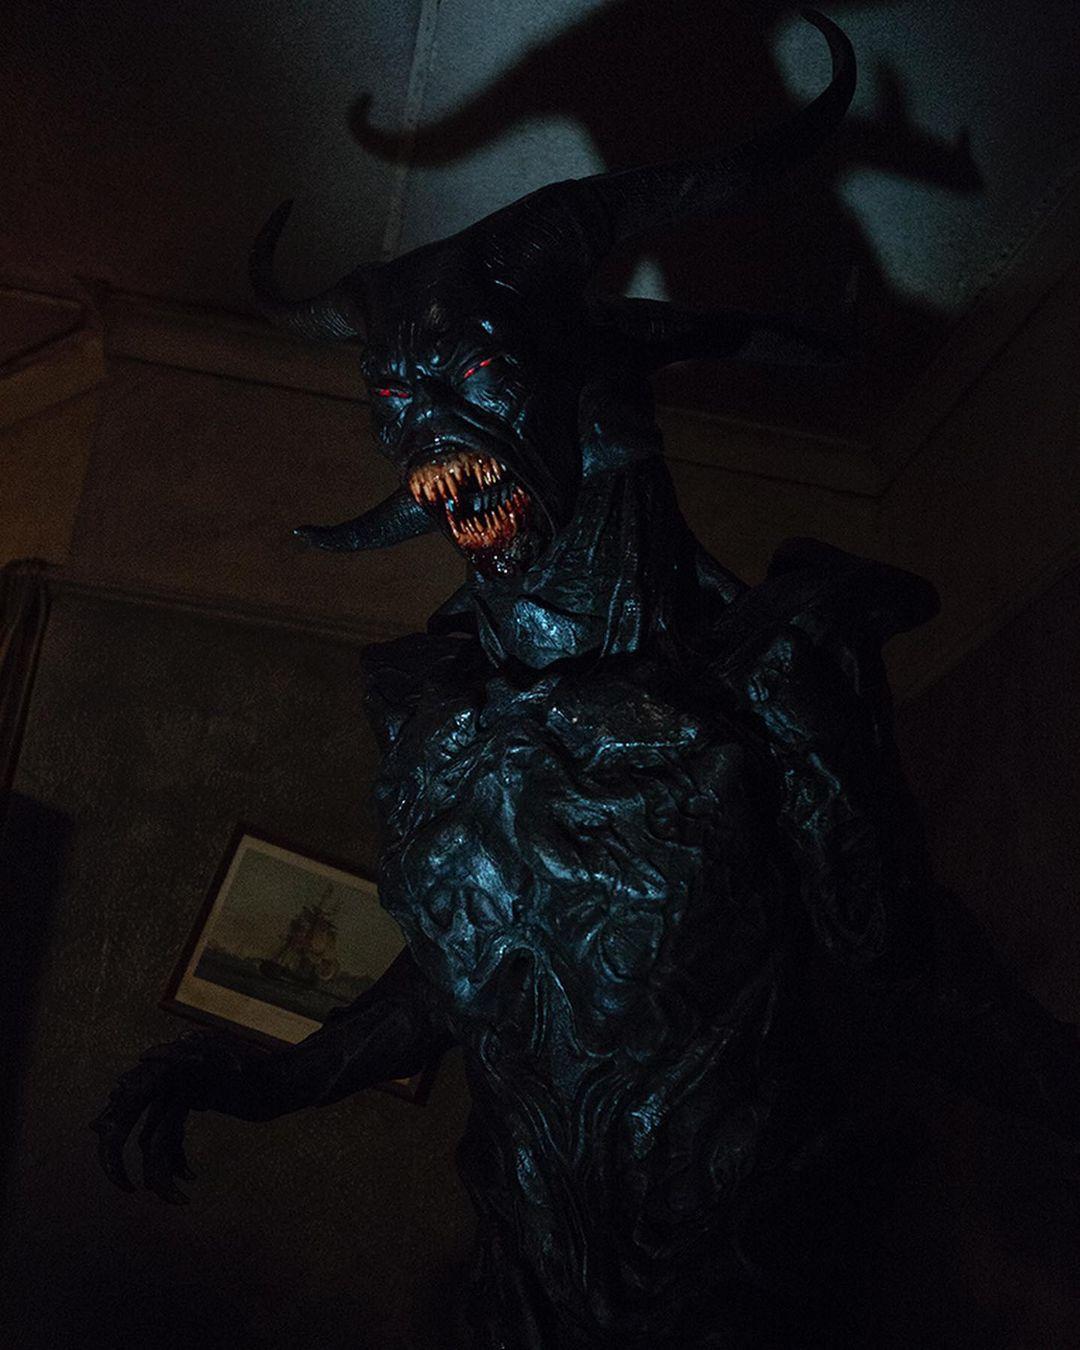 Оказывается, вместо монахини в«Заклятии2» мог появиться демон-Дракула! 4